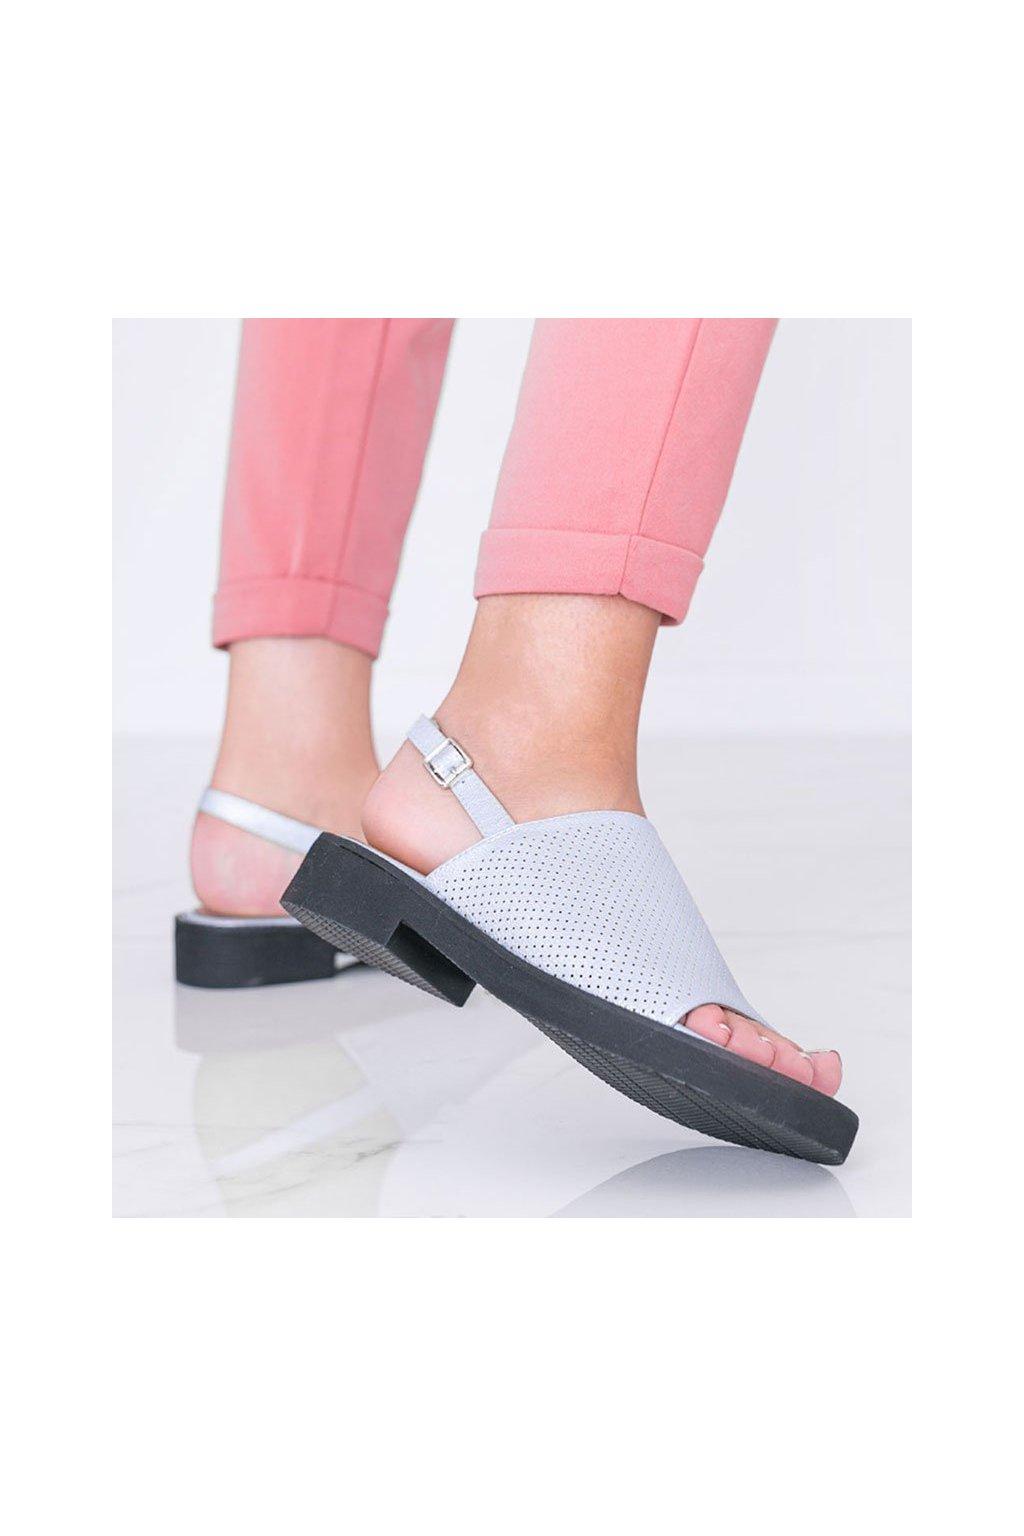 Dámske topánky sandále modré kód W18-6671 - GM